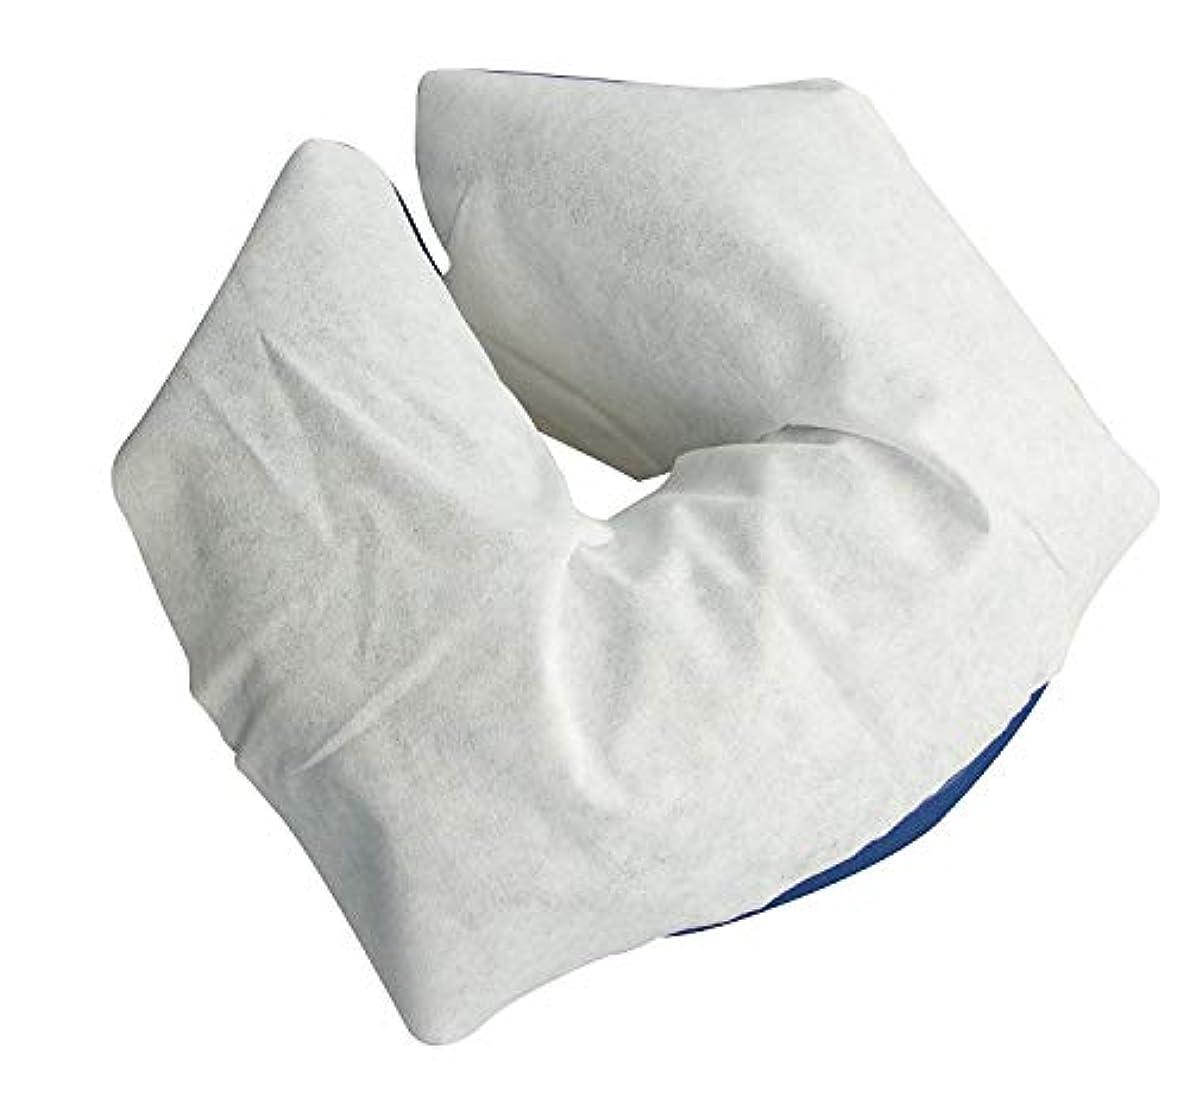 Umora U字 ピローシート 使い捨てマクラカバー 業務用 美容 サロン 100%綿 柔軟 厚手(200枚)